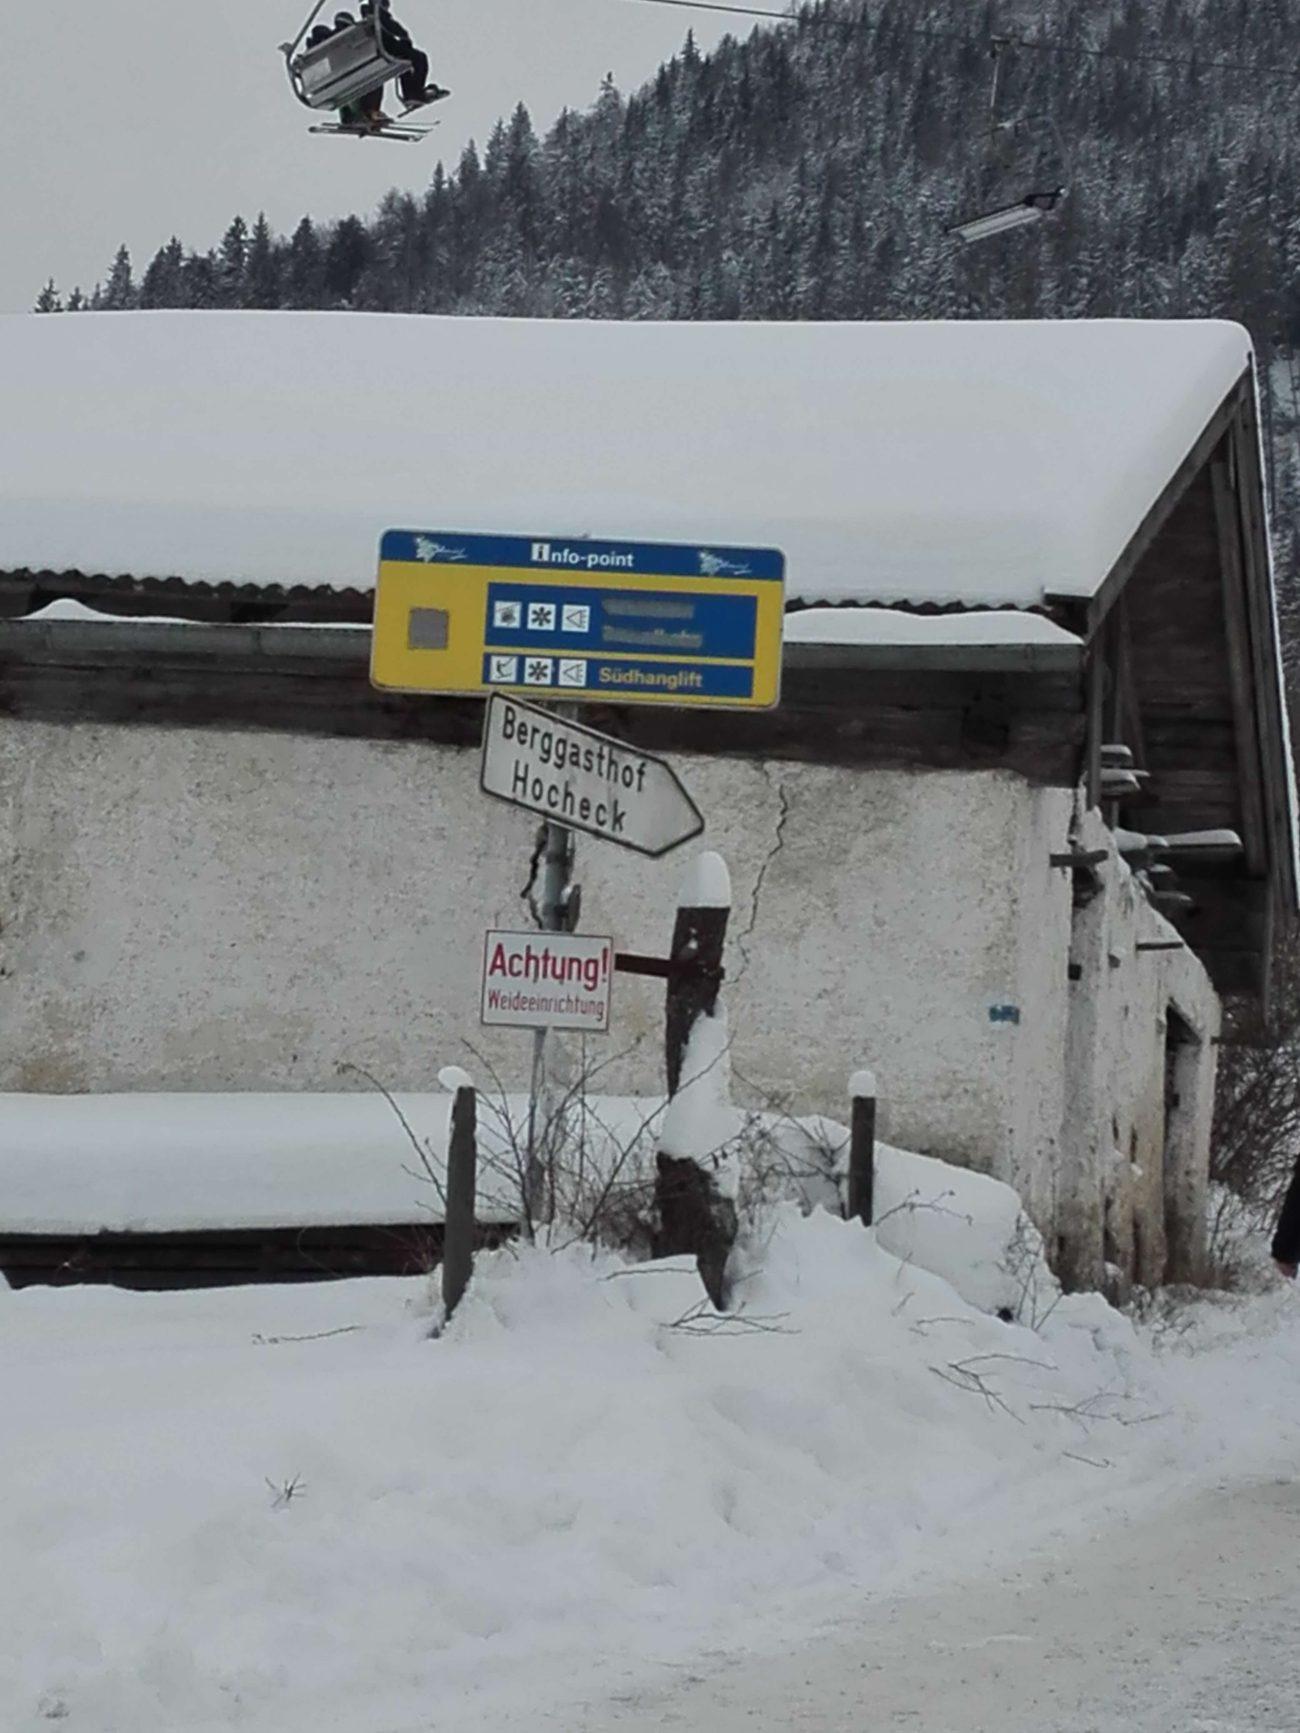 29 Hocheck Schild Hütte am Rand